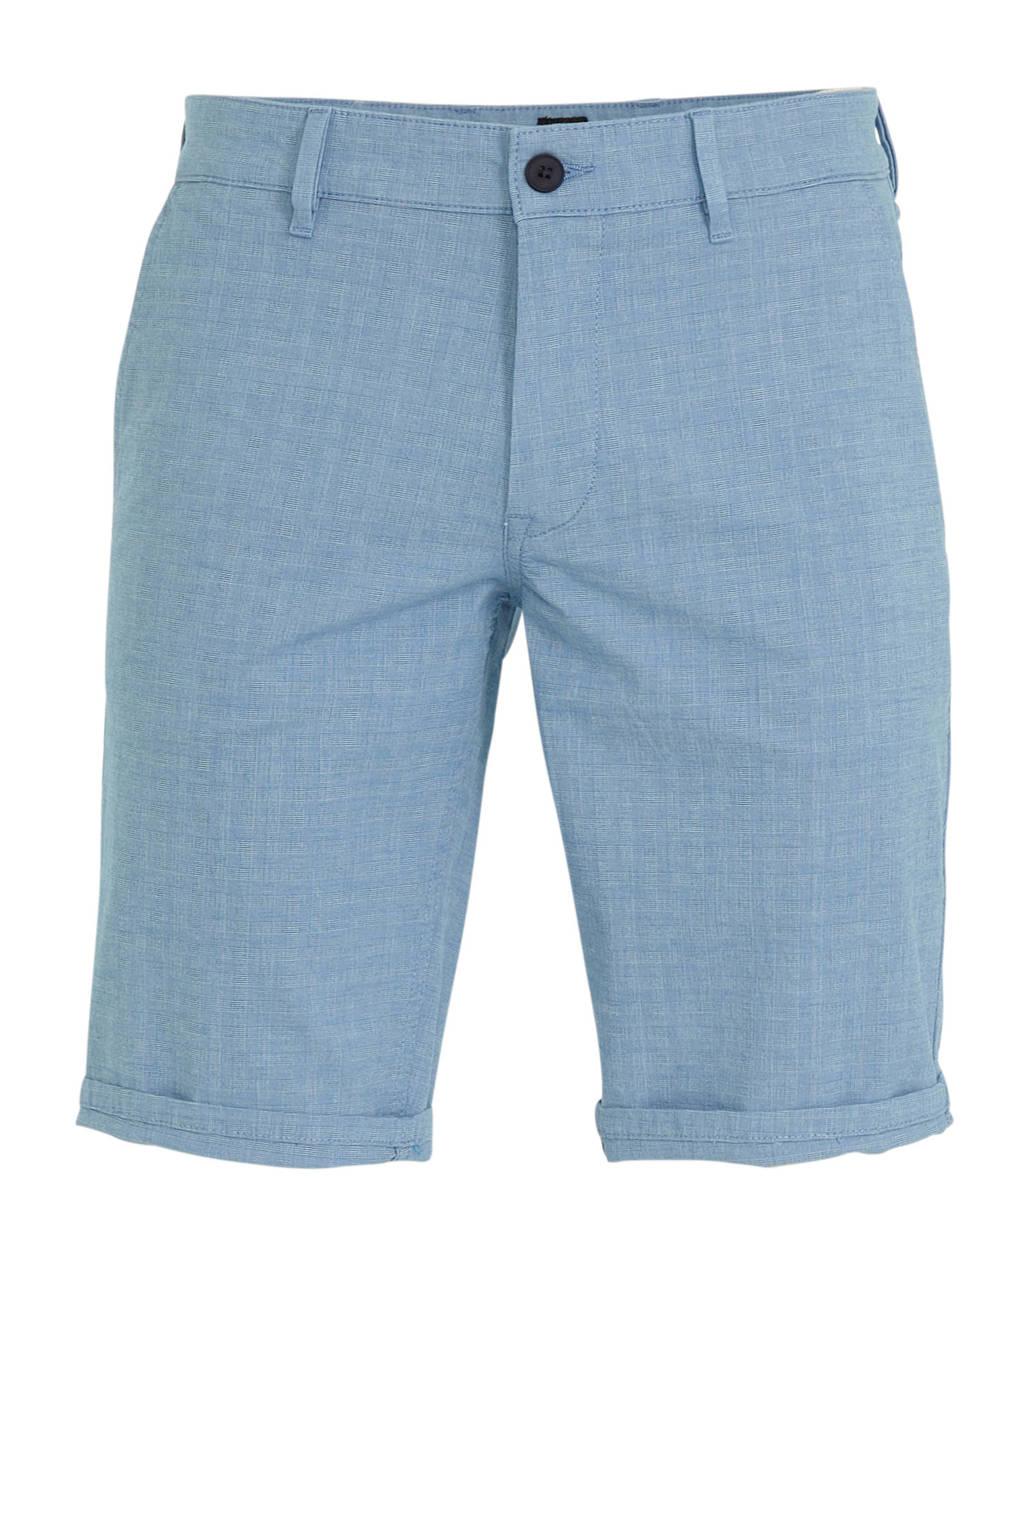 BOSS Casual gemêleerde slim fit bermuda Schino bright blue, Bright Blue